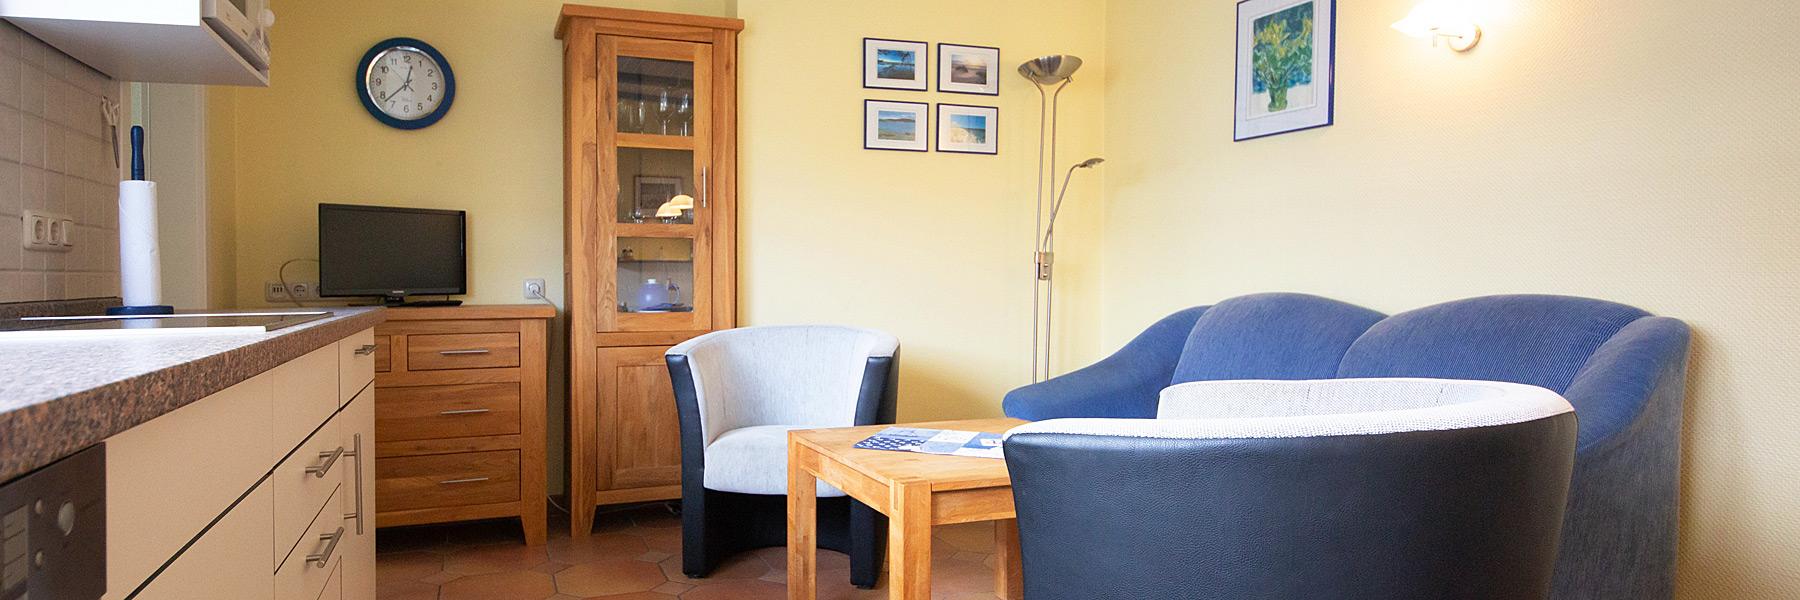 Wohnraum - Ferienwohnungen im Fischerhus